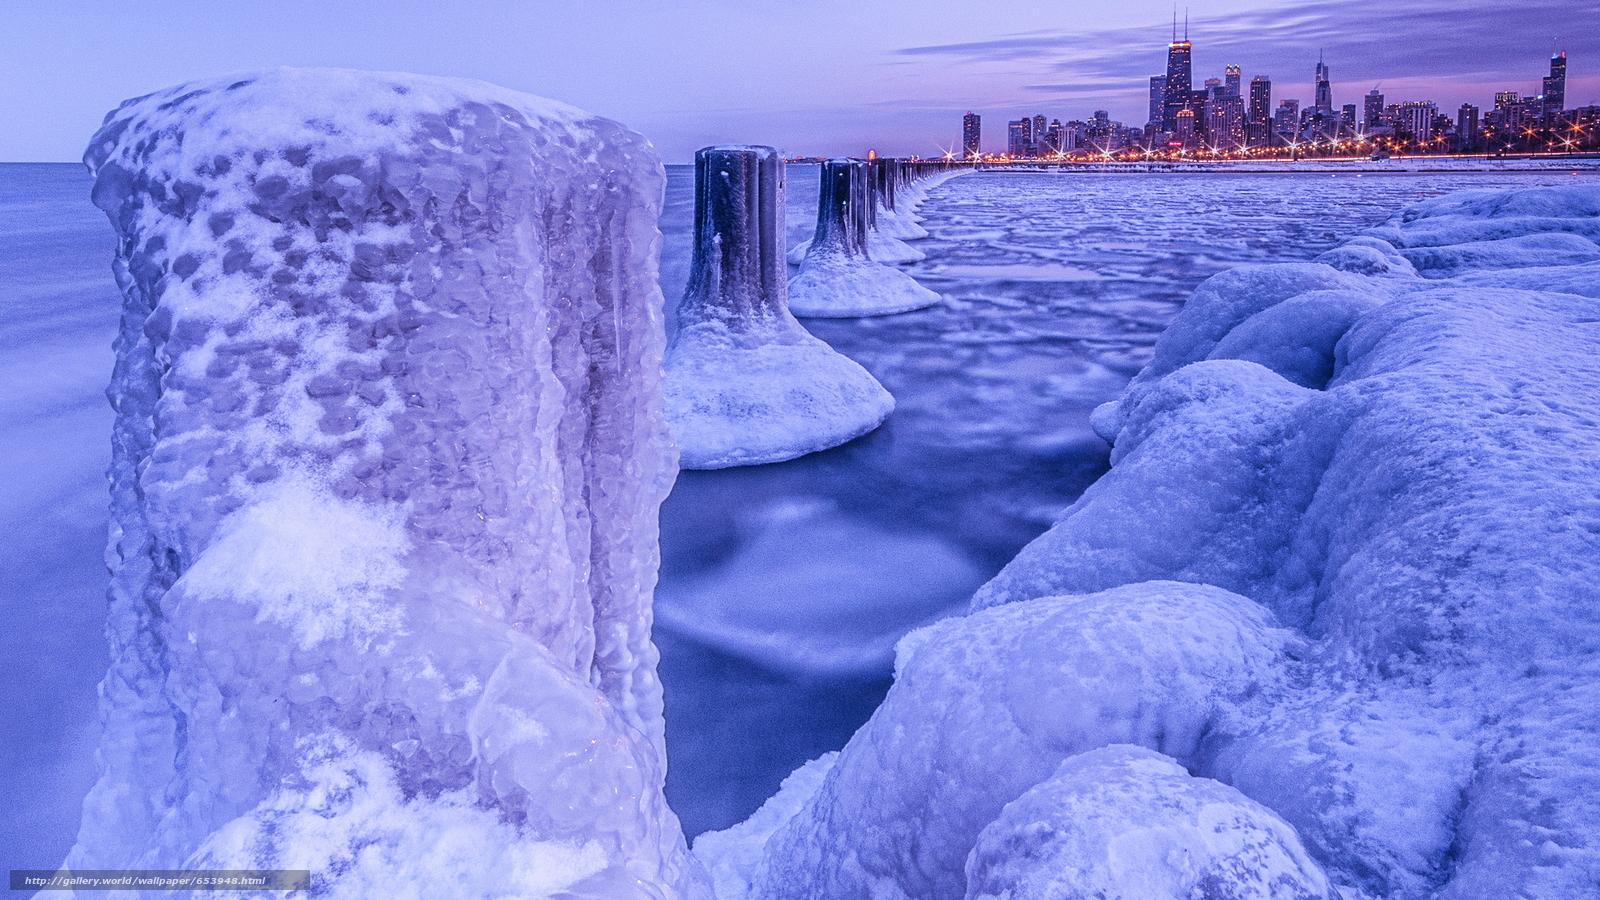 Скачать обои море,  водоем,  ледник,  лед бесплатно для рабочего стола в разрешении 2048x1152 — картинка №653948